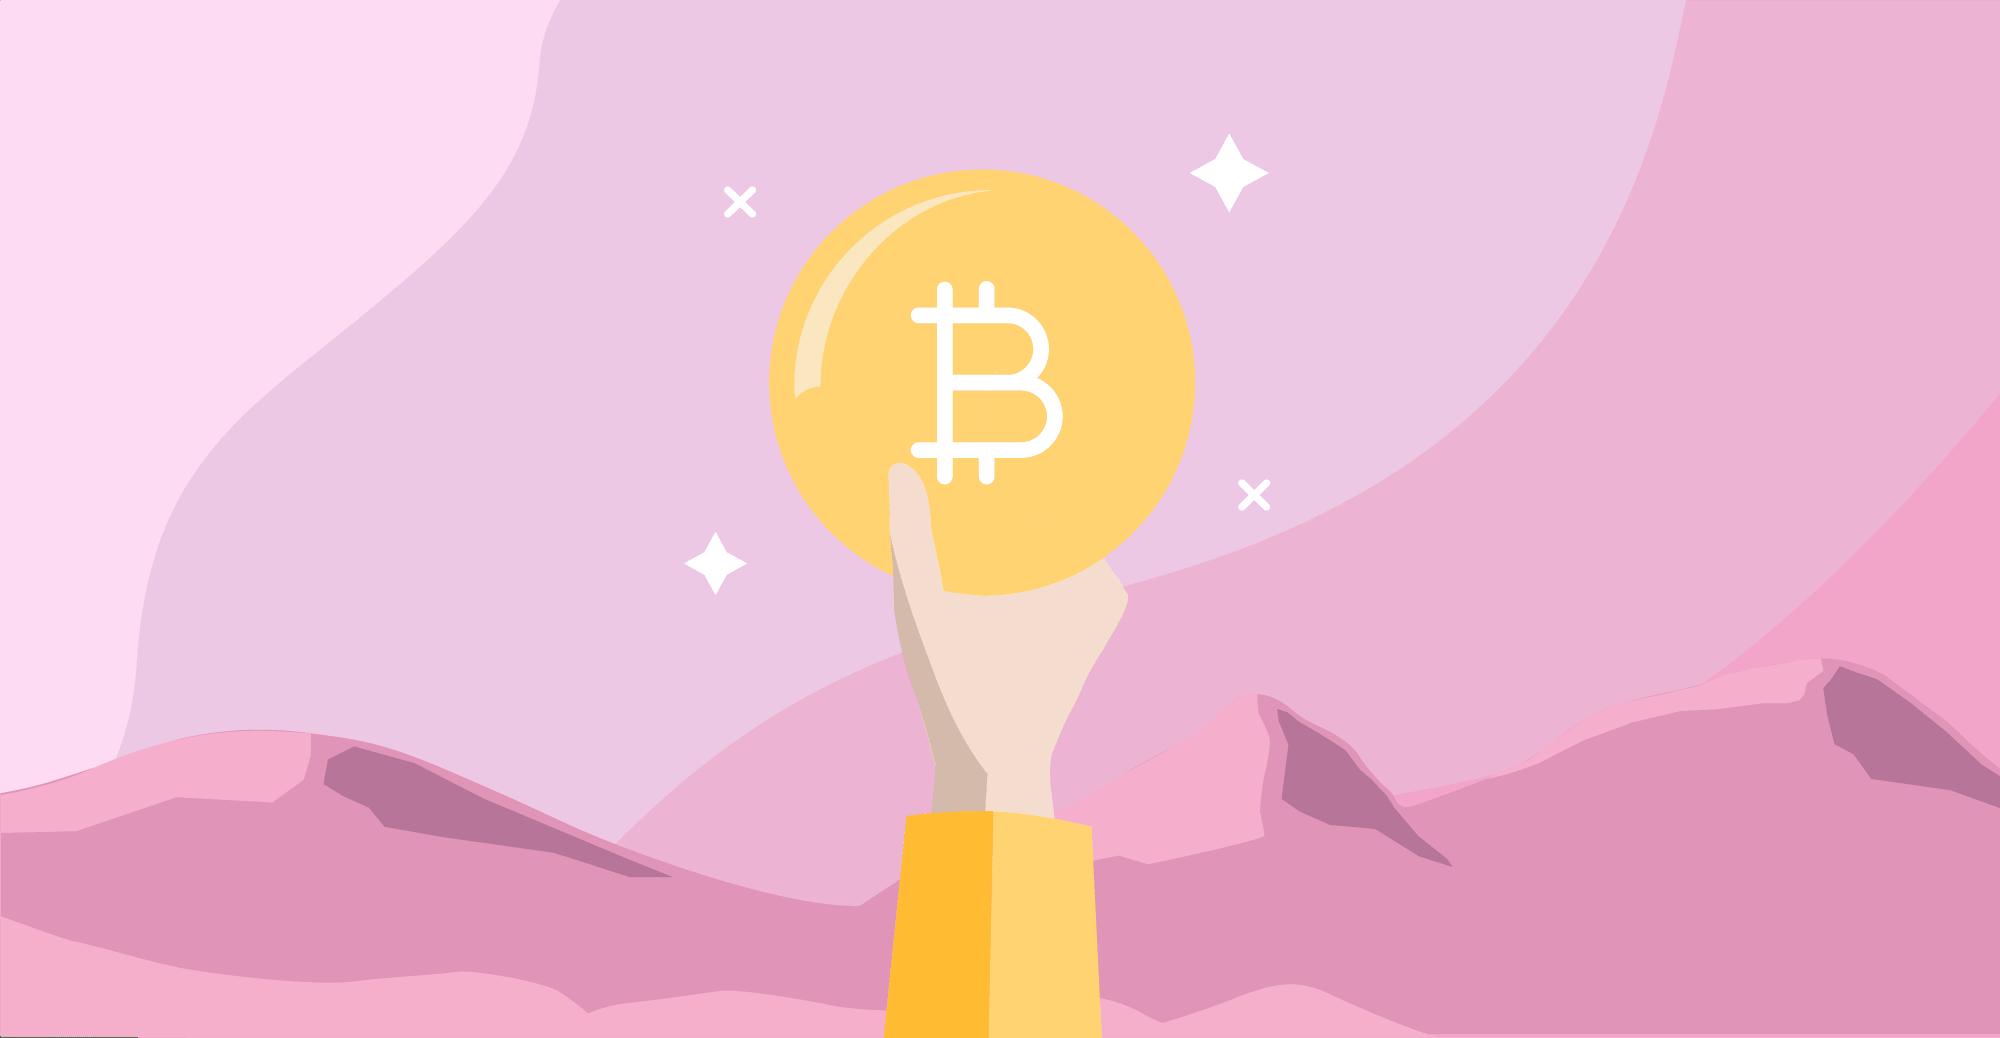 Astronauta consigue Bitcoin